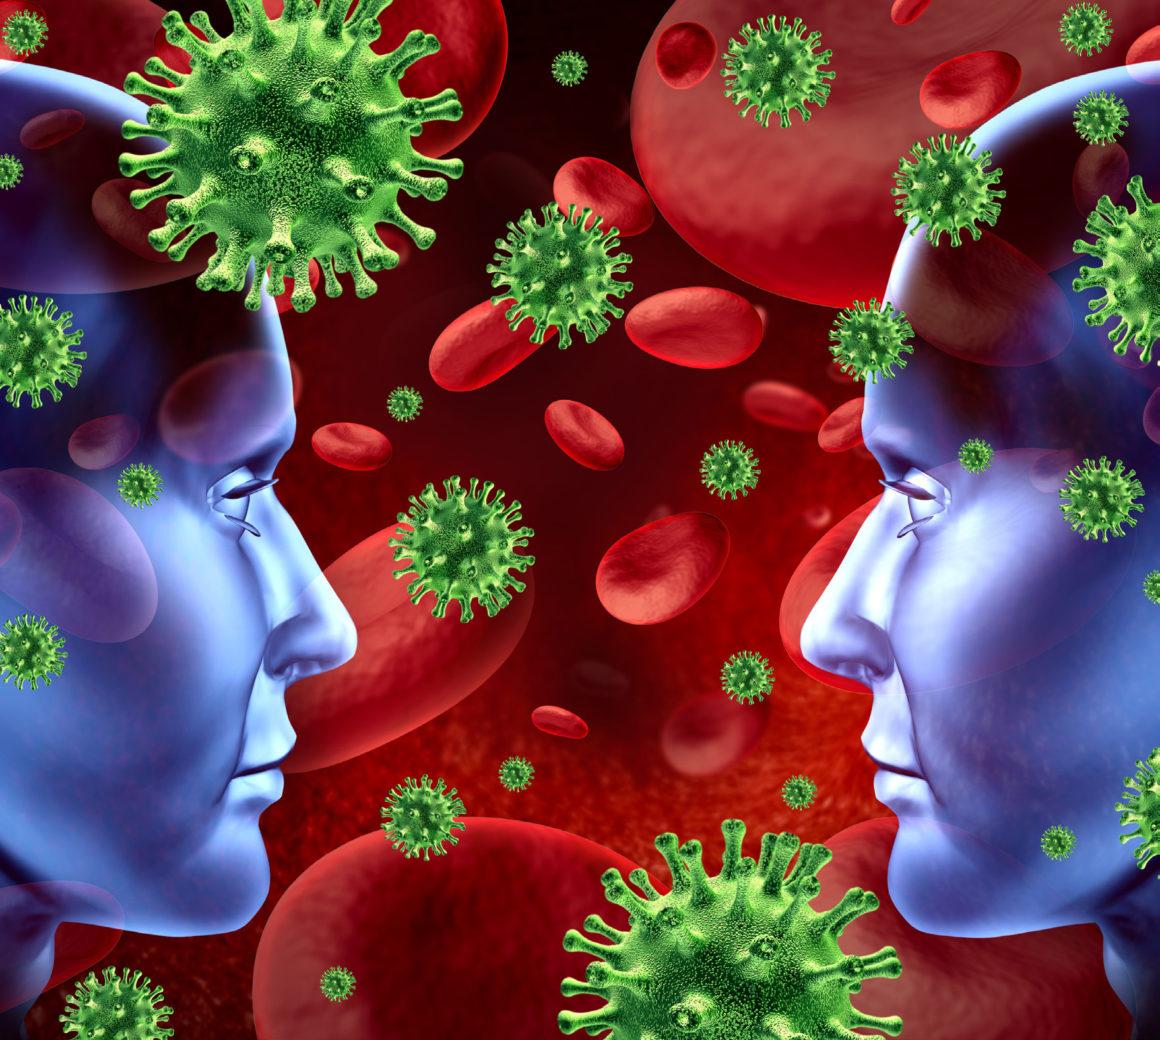 Ocular Immunology Brochure